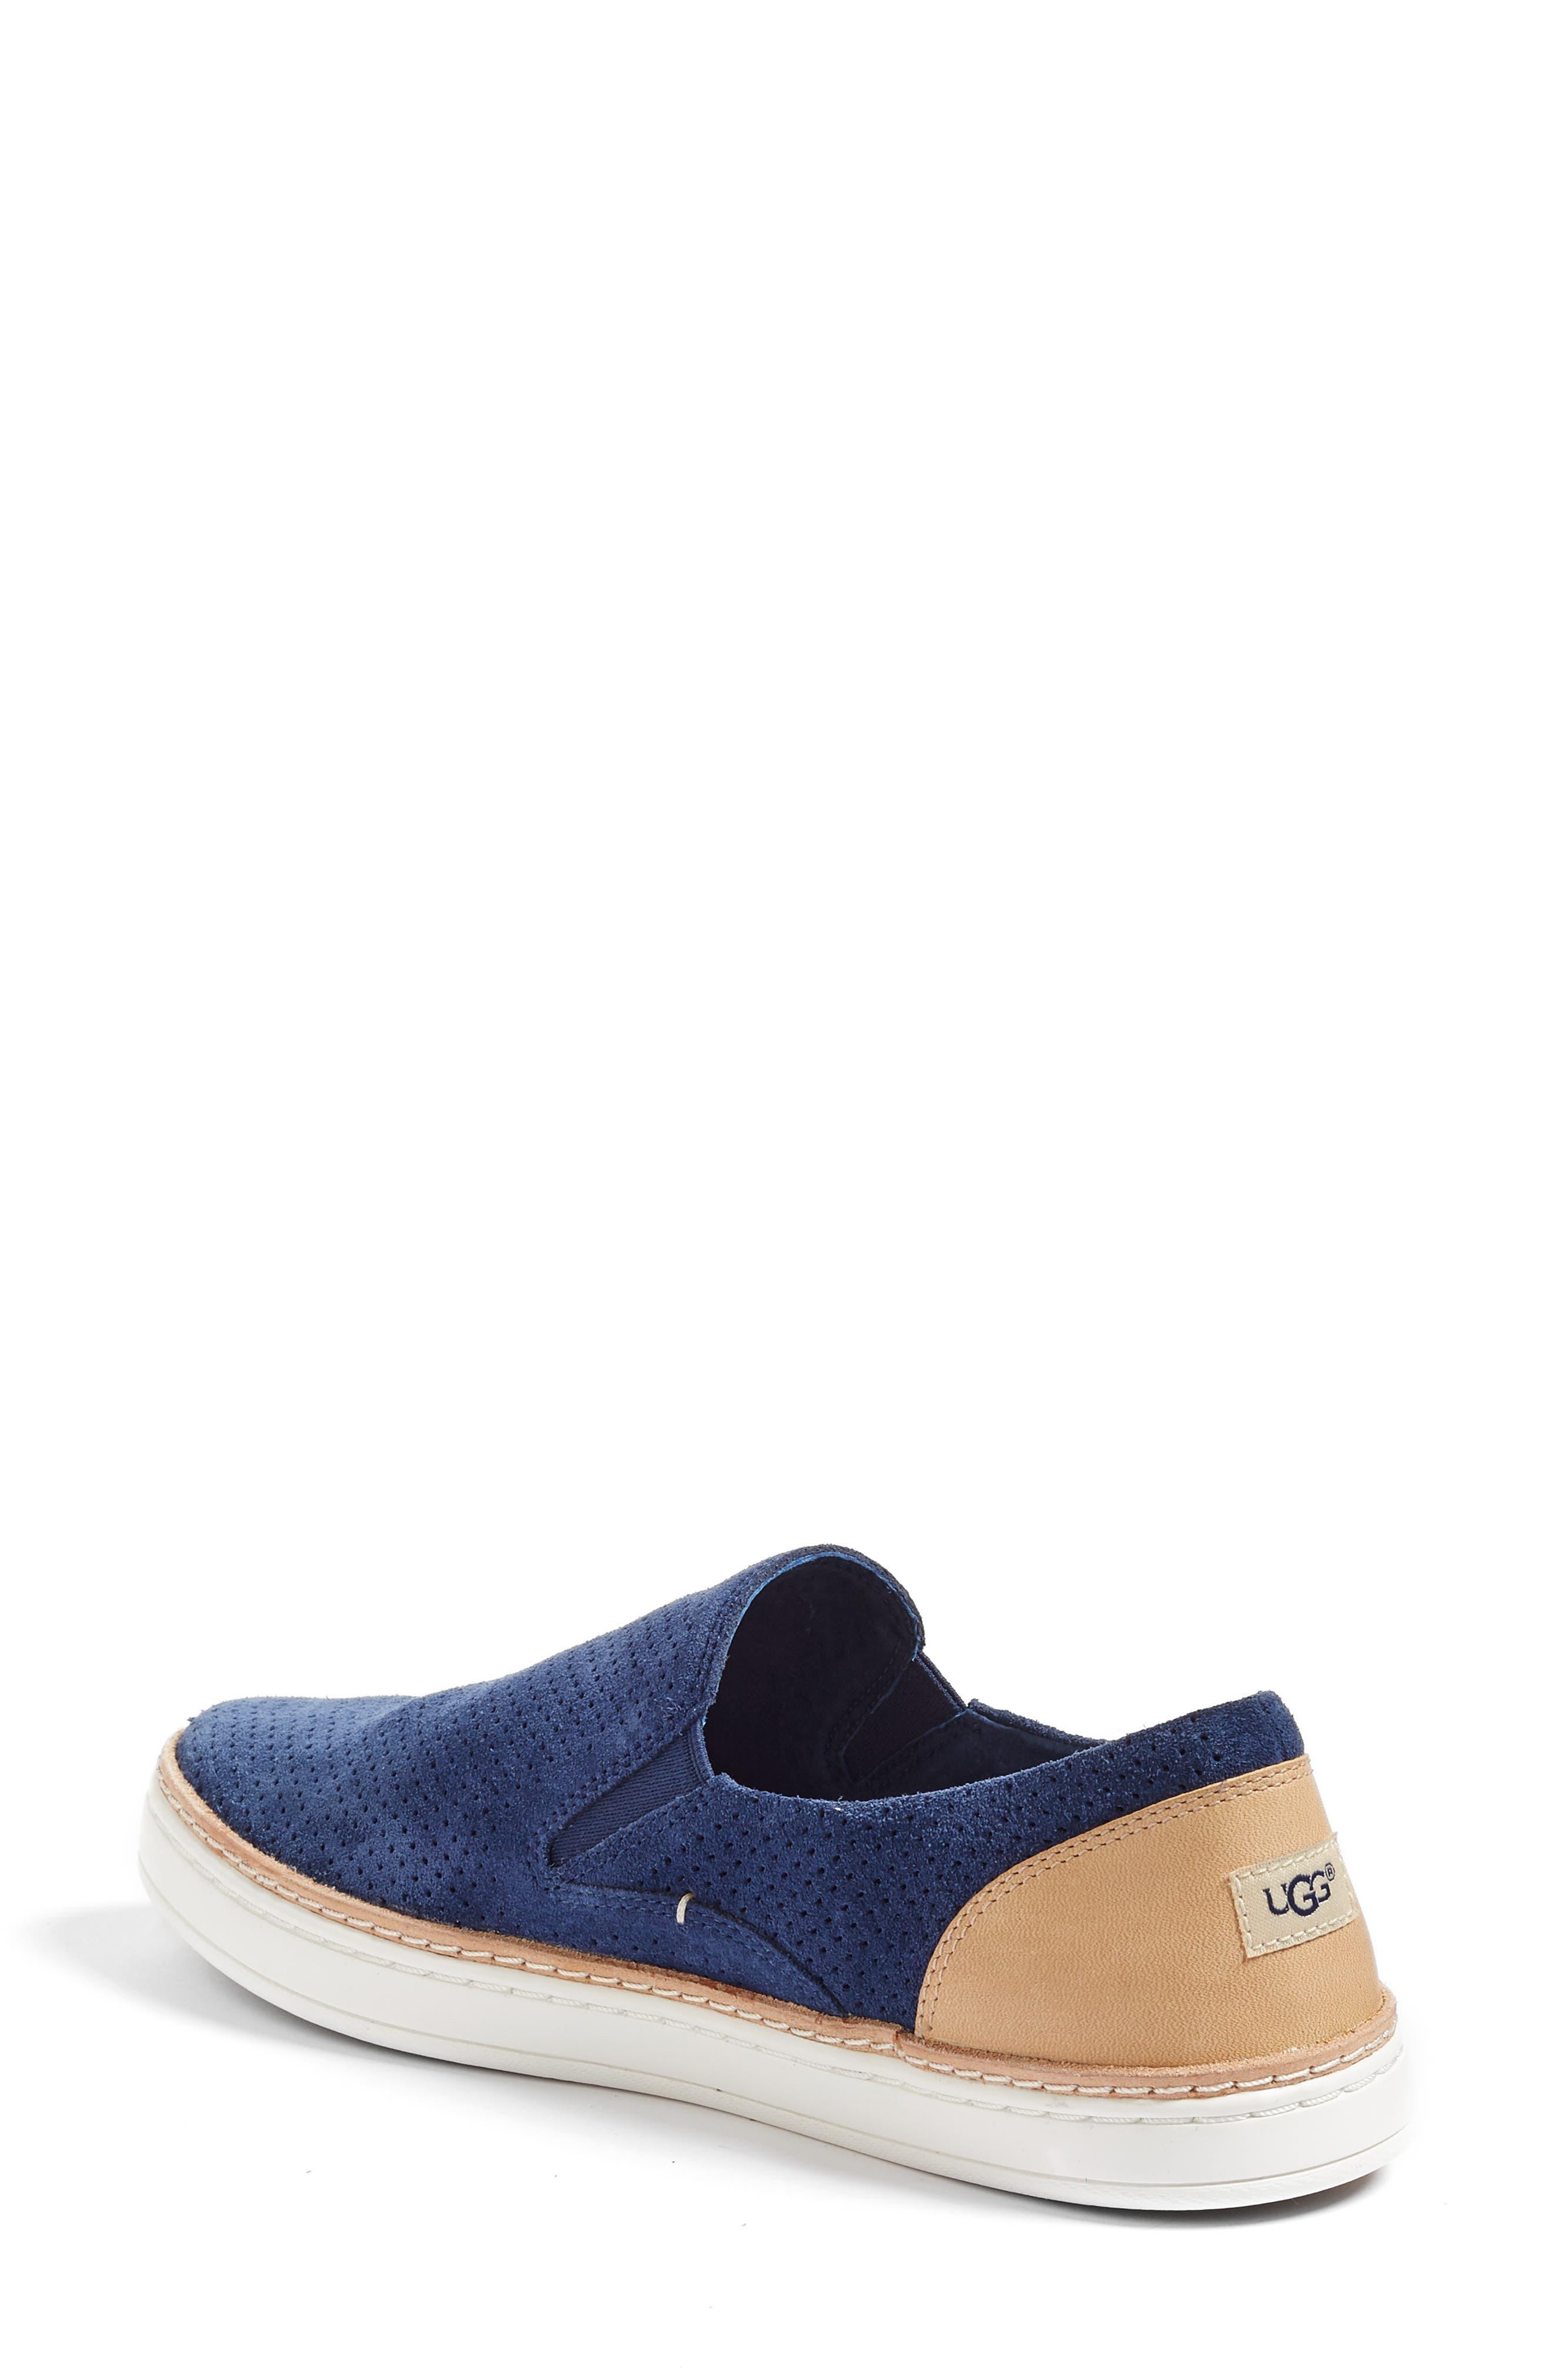 Adley Slip-On Sneaker,                             Alternate thumbnail 30, color,